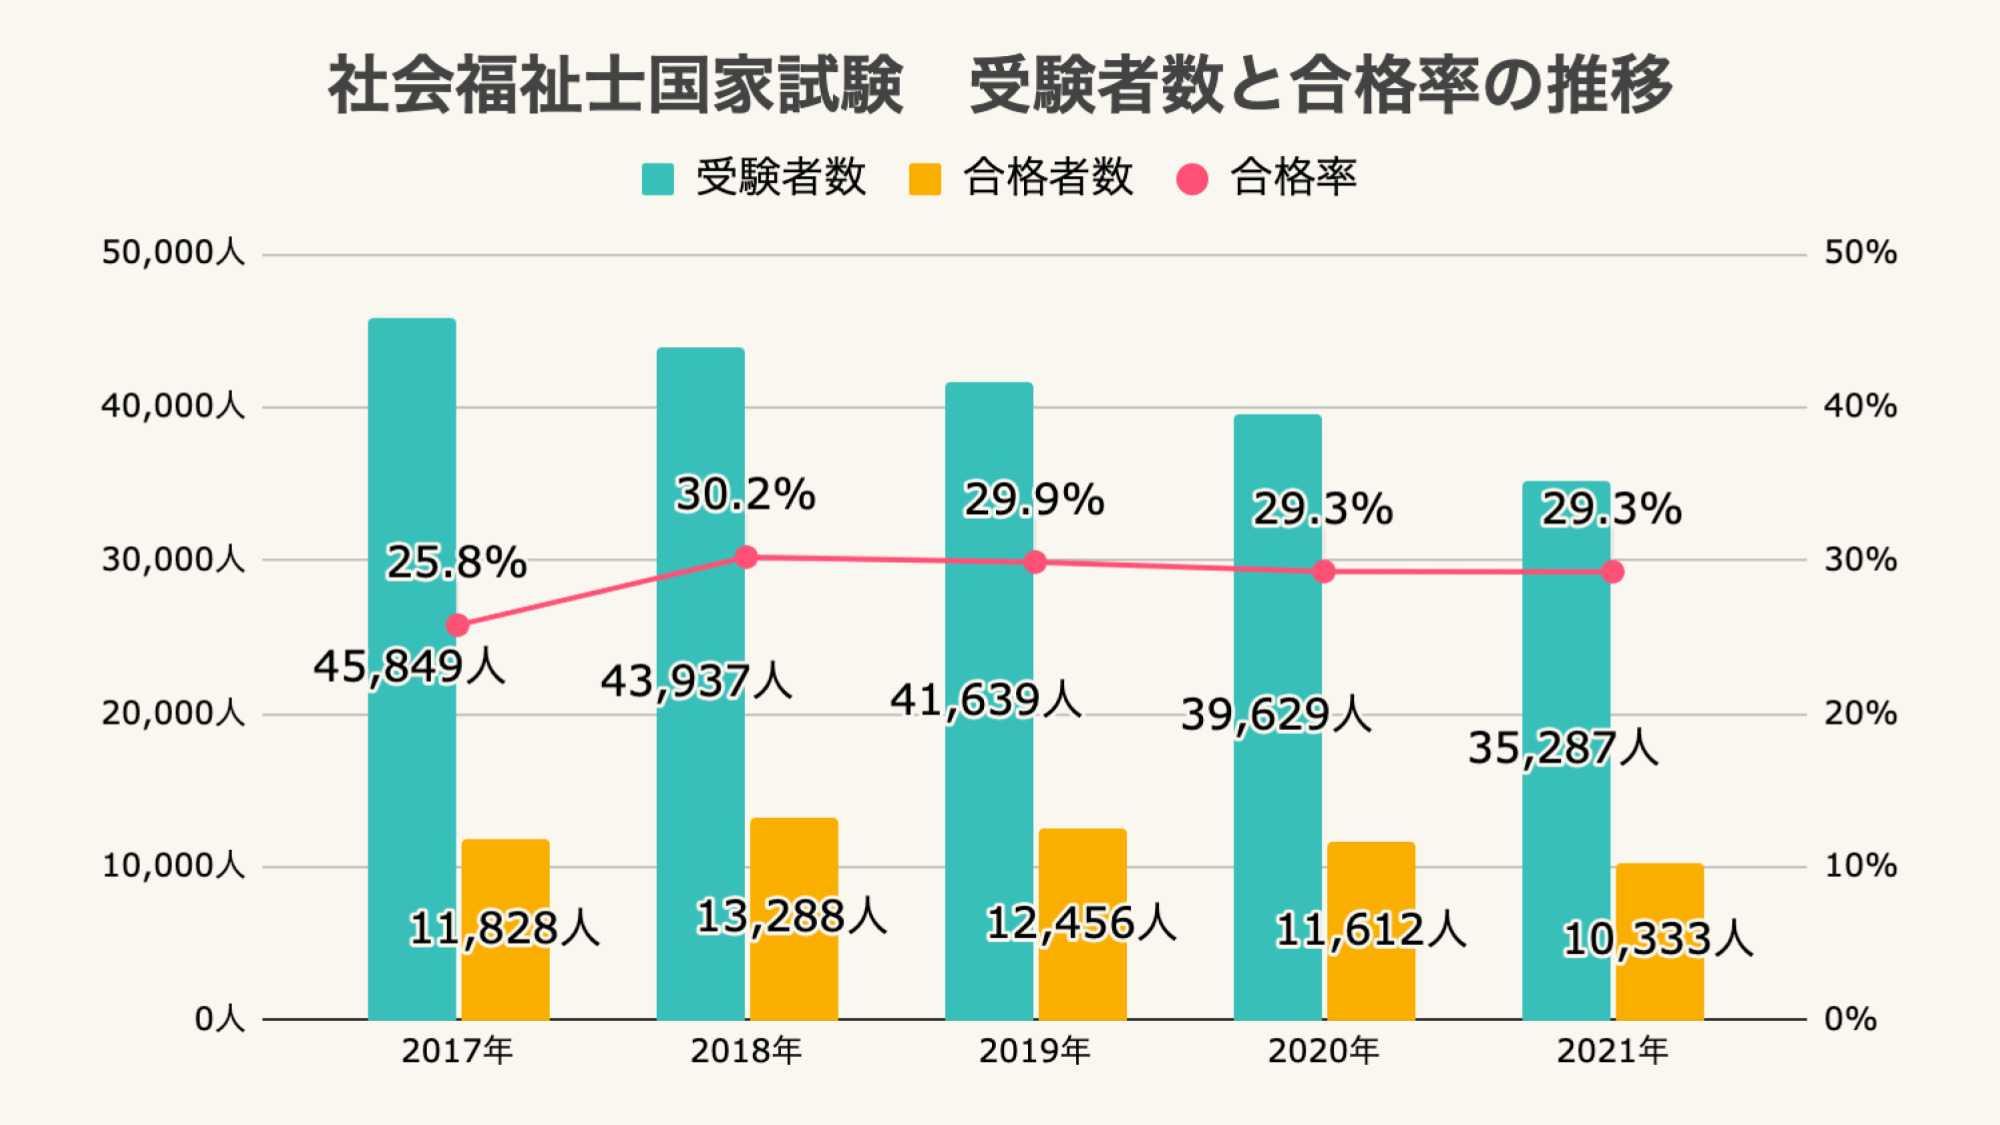 社会福祉士国家試験 受験者数と合格率の推移